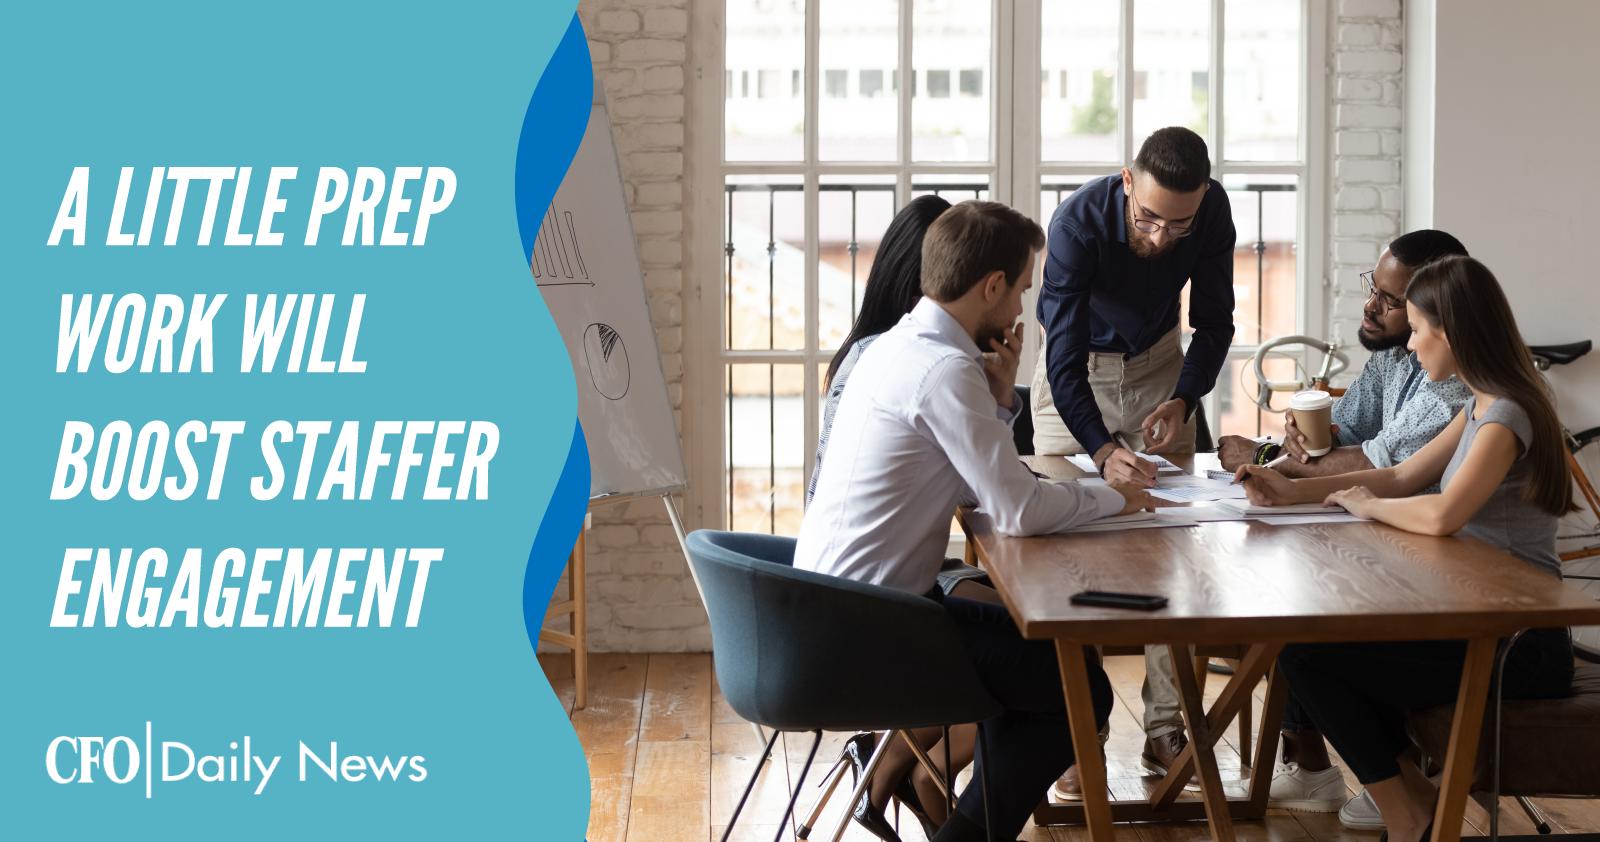 A Little Prep Work Will Boost Staffer Engagement